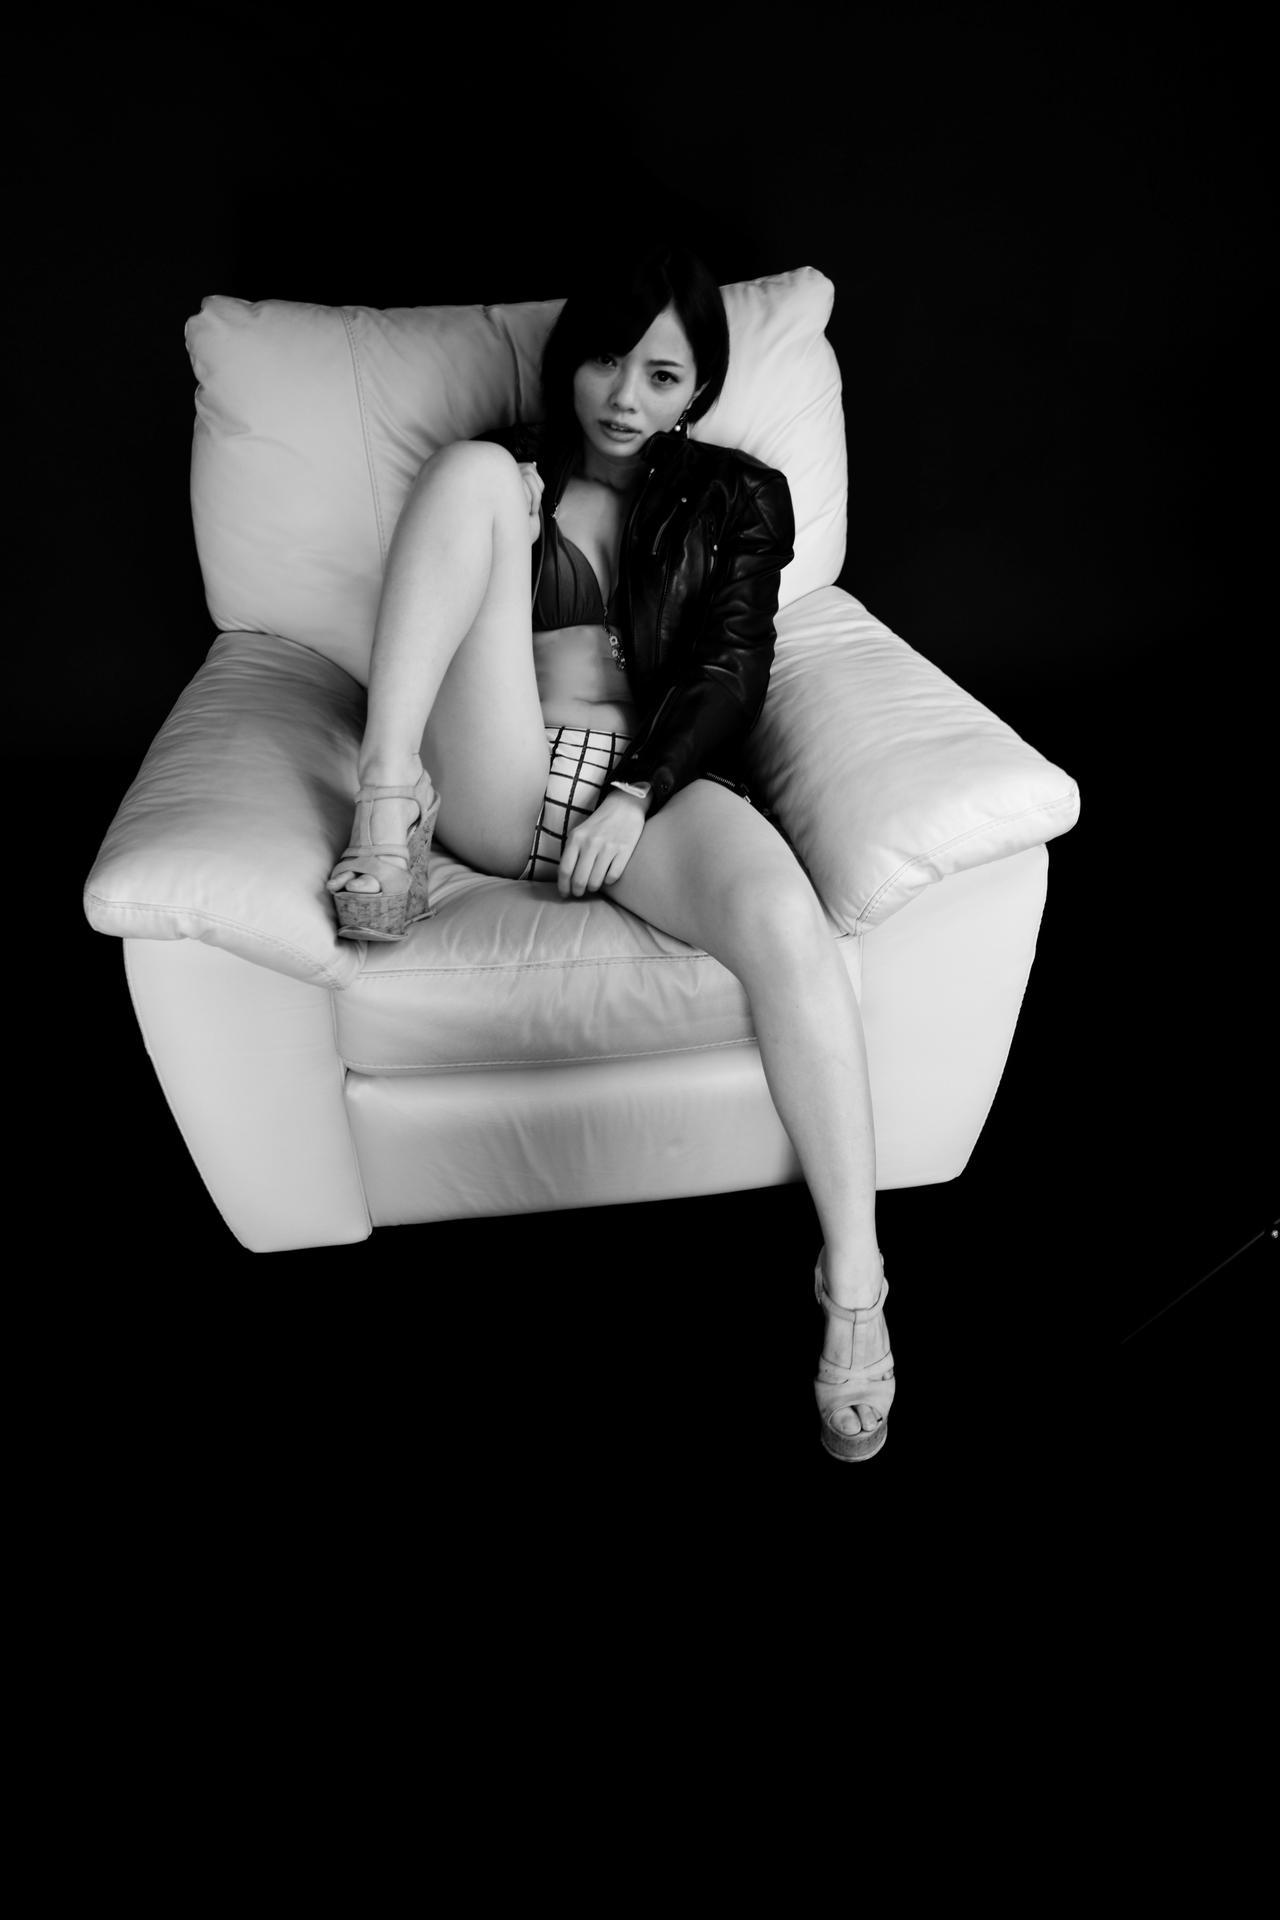 画像7: グラビア【ヘルメット女子】Be My Baby....vol.028 素顔編